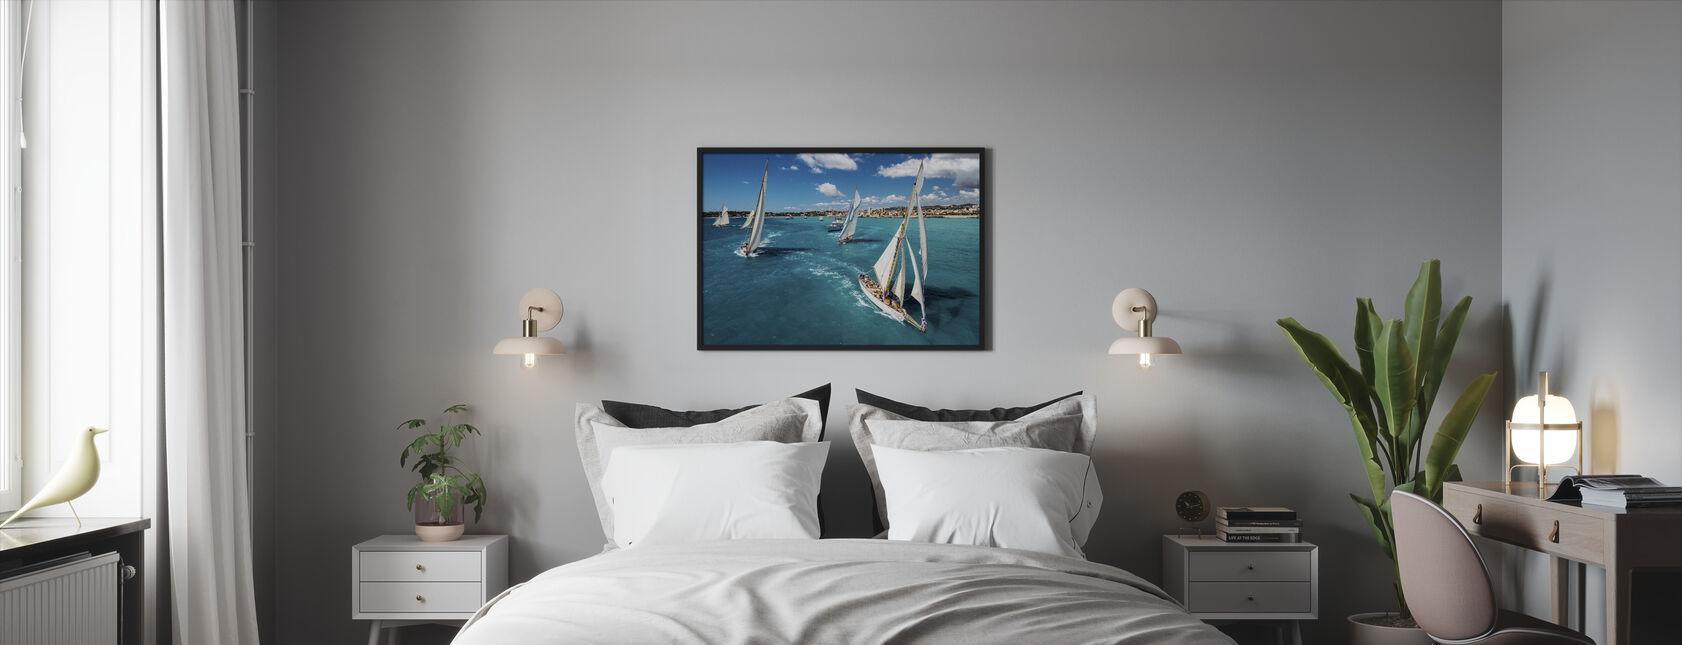 Inicio de carrera - Print enmarcado - Dormitorio